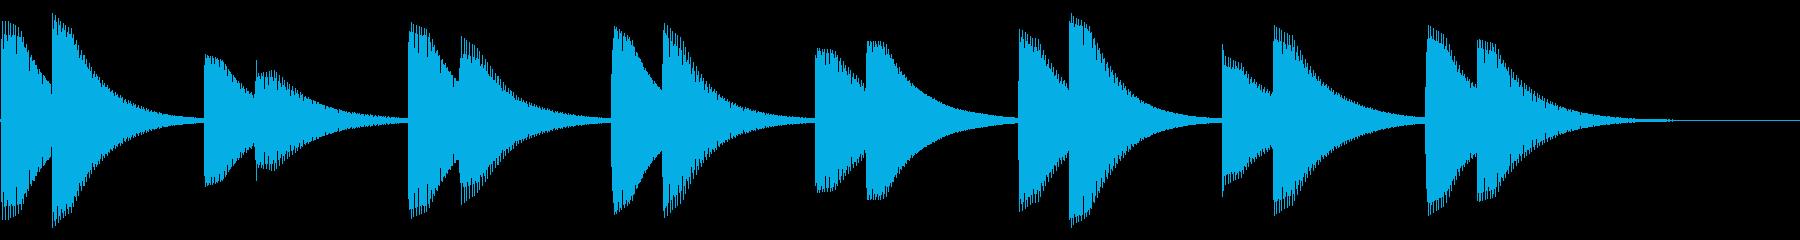 電子アラーム:ミュートベルの再生済みの波形